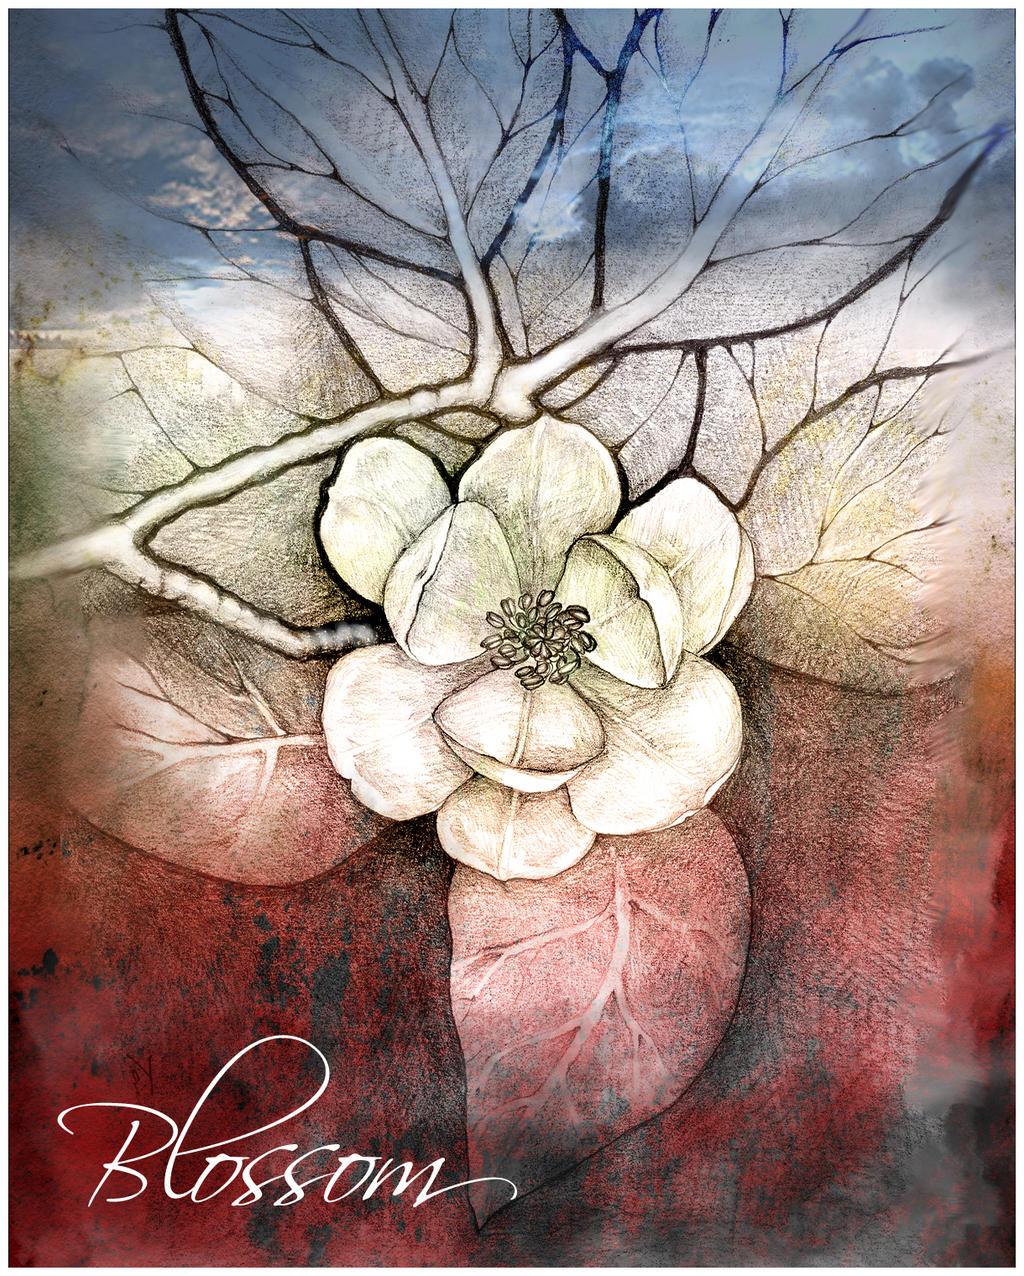 blossom by lovelycristina